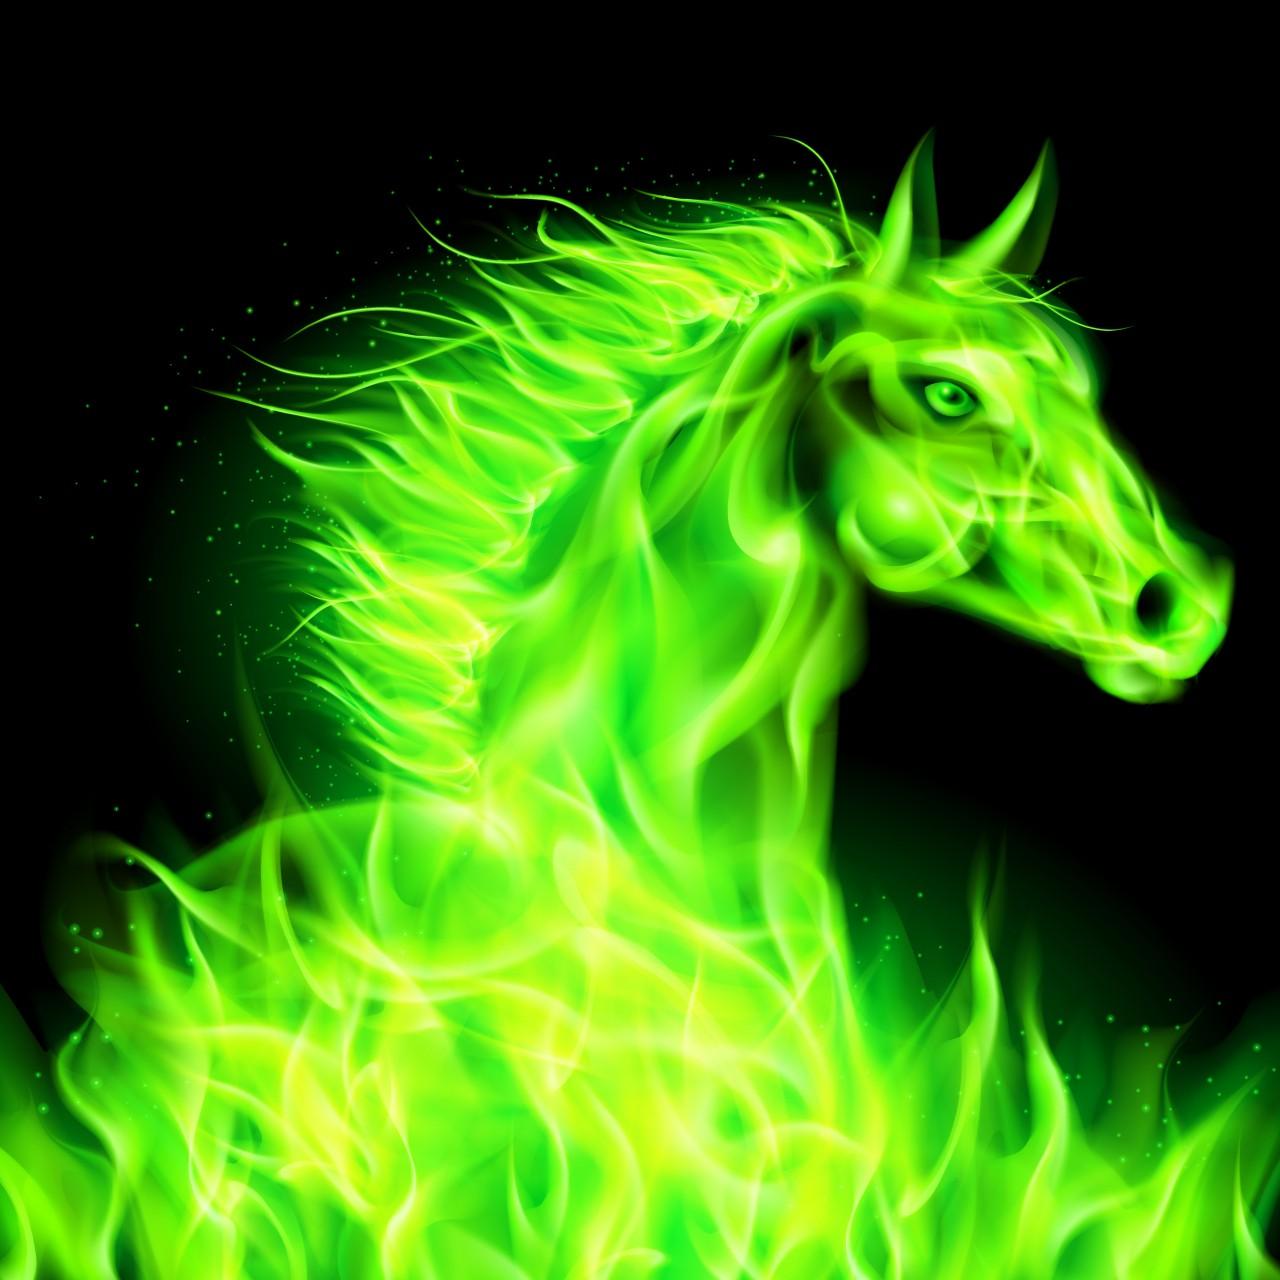 2014 Horses Calendar Horses 3D Designs Elsoar 1280x1280